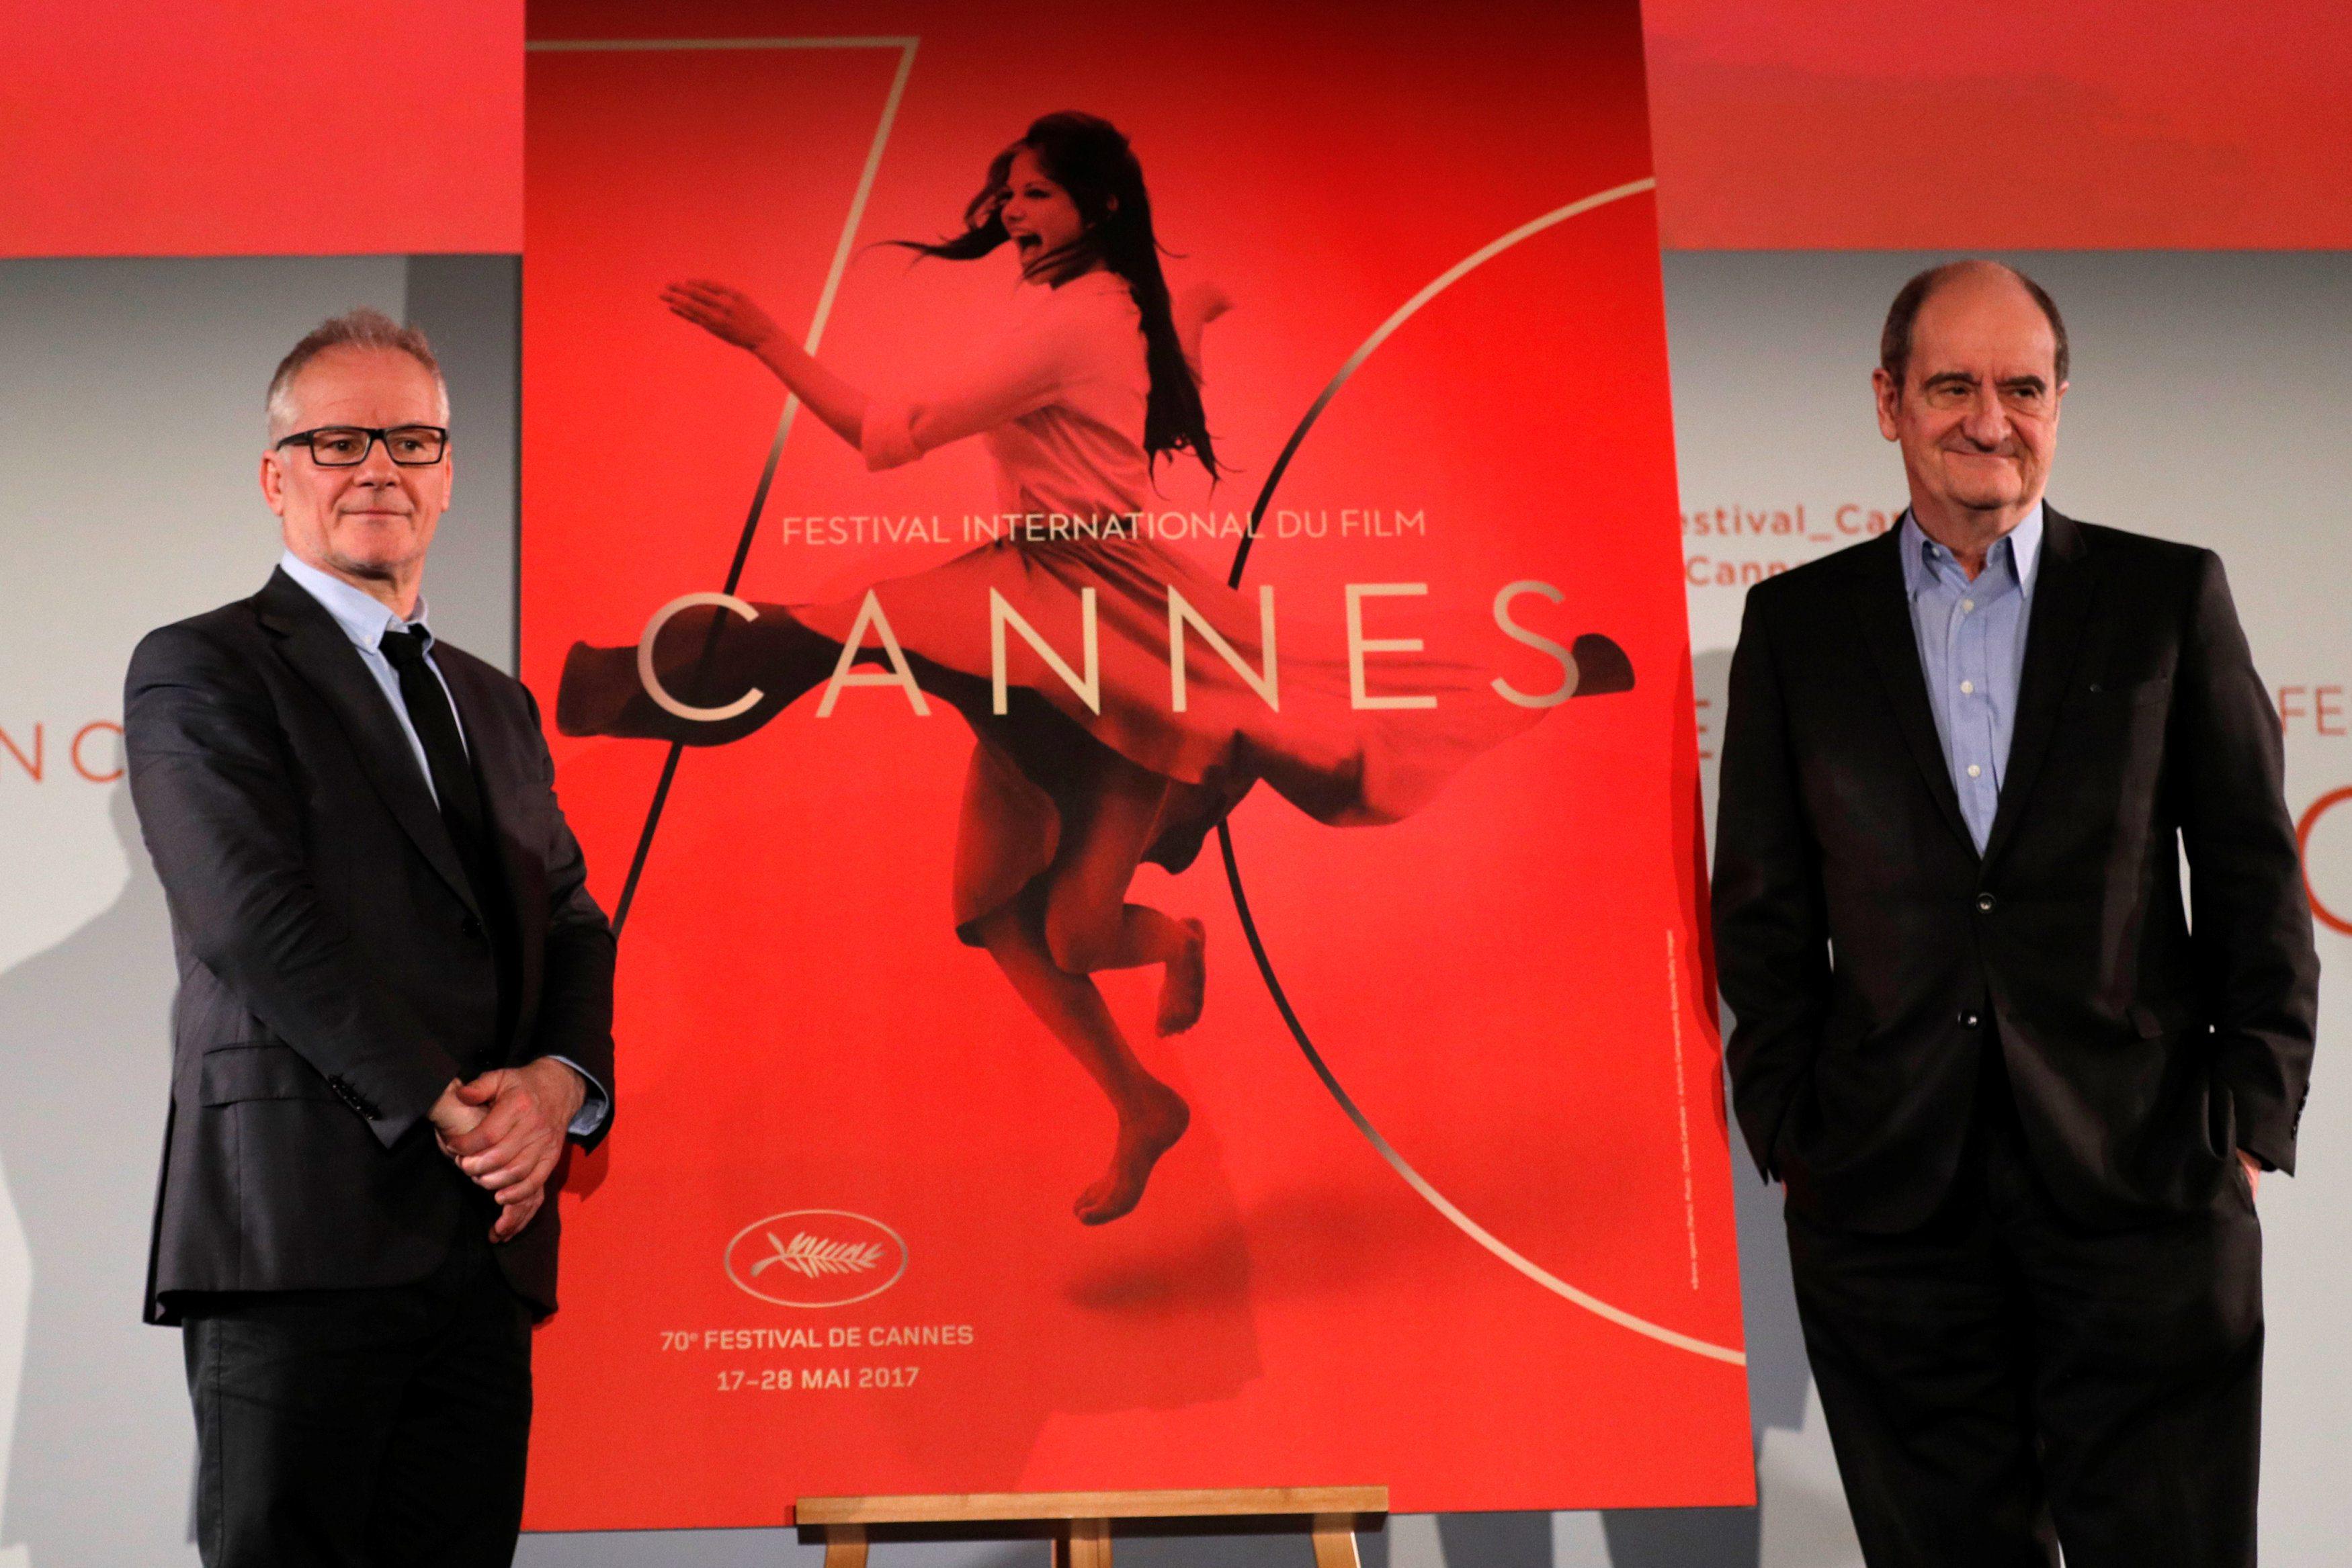 Thierry Fremaux i Pierre Lescure s filmskog festivala u Cannesu najavili su ovogodišnju selekciju